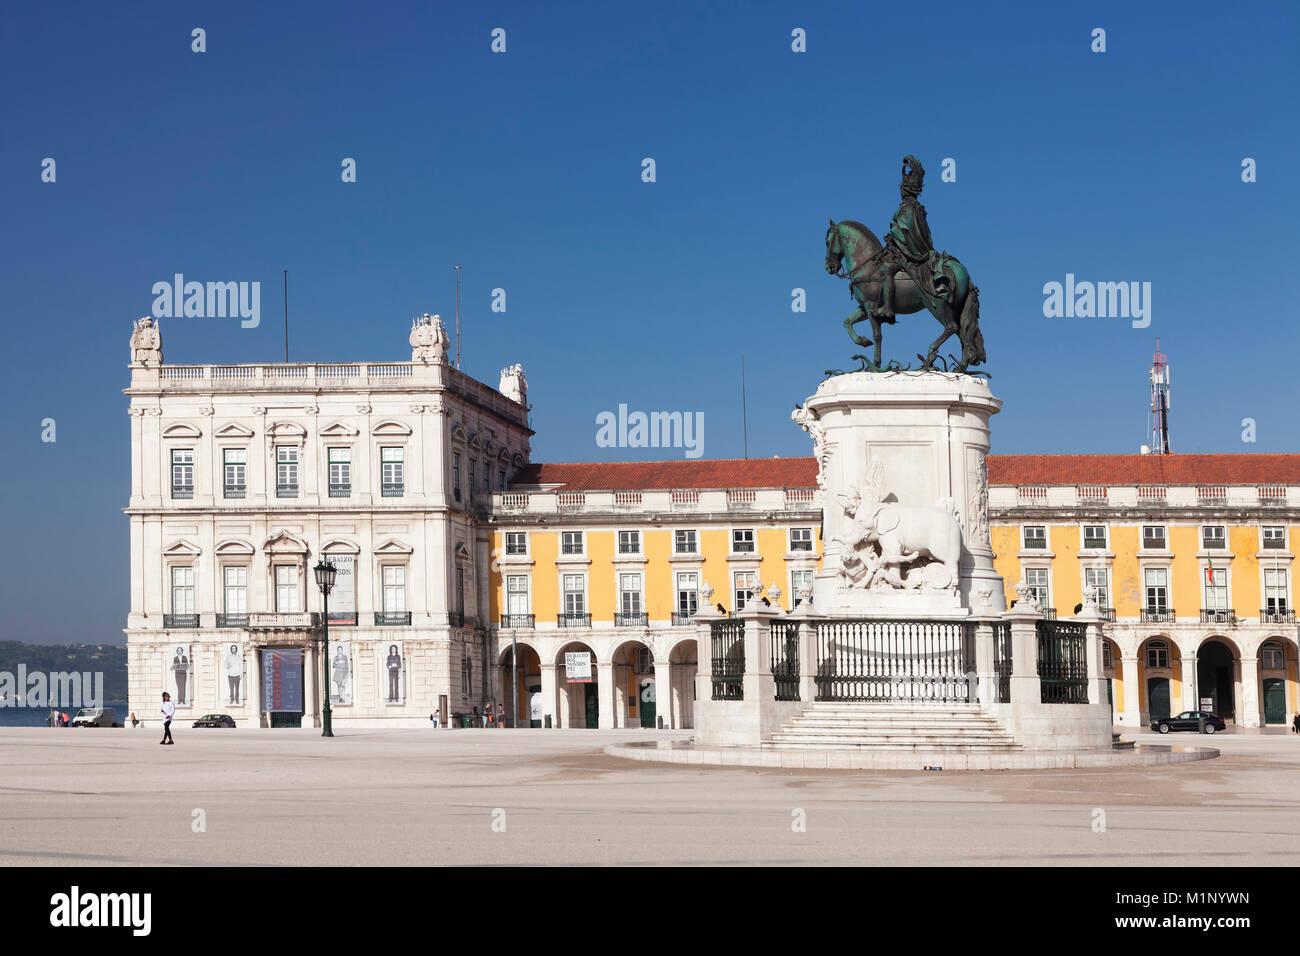 Praca do Comercio, monument du roi José I, Baixa, Lisbonne, Portugal, Europe Banque D'Images